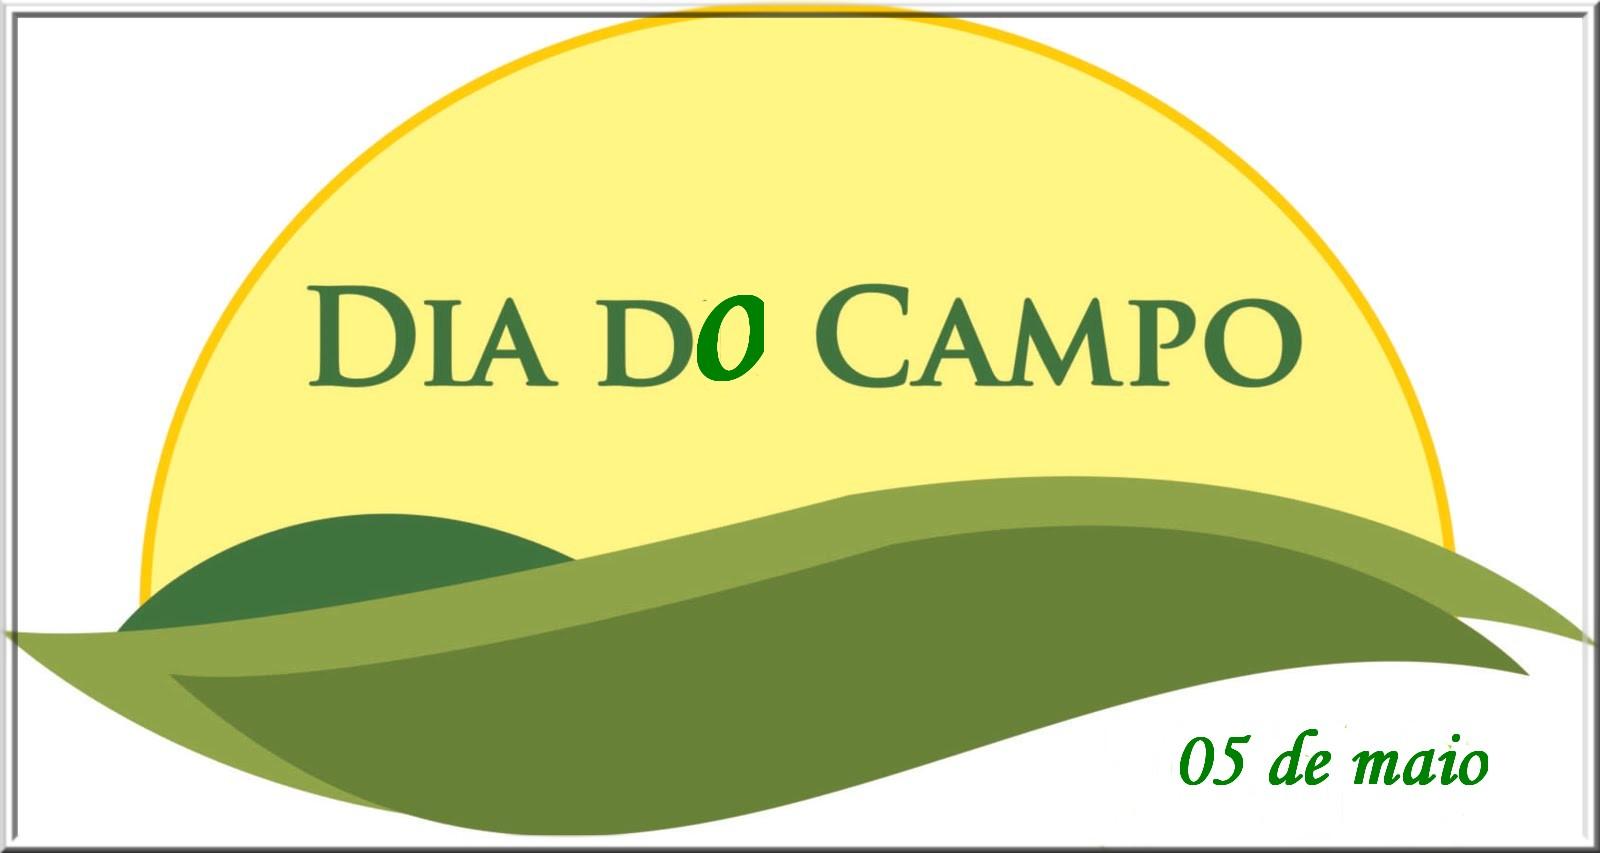 dia do campo 05 de maio mst reforma agr193ria portal